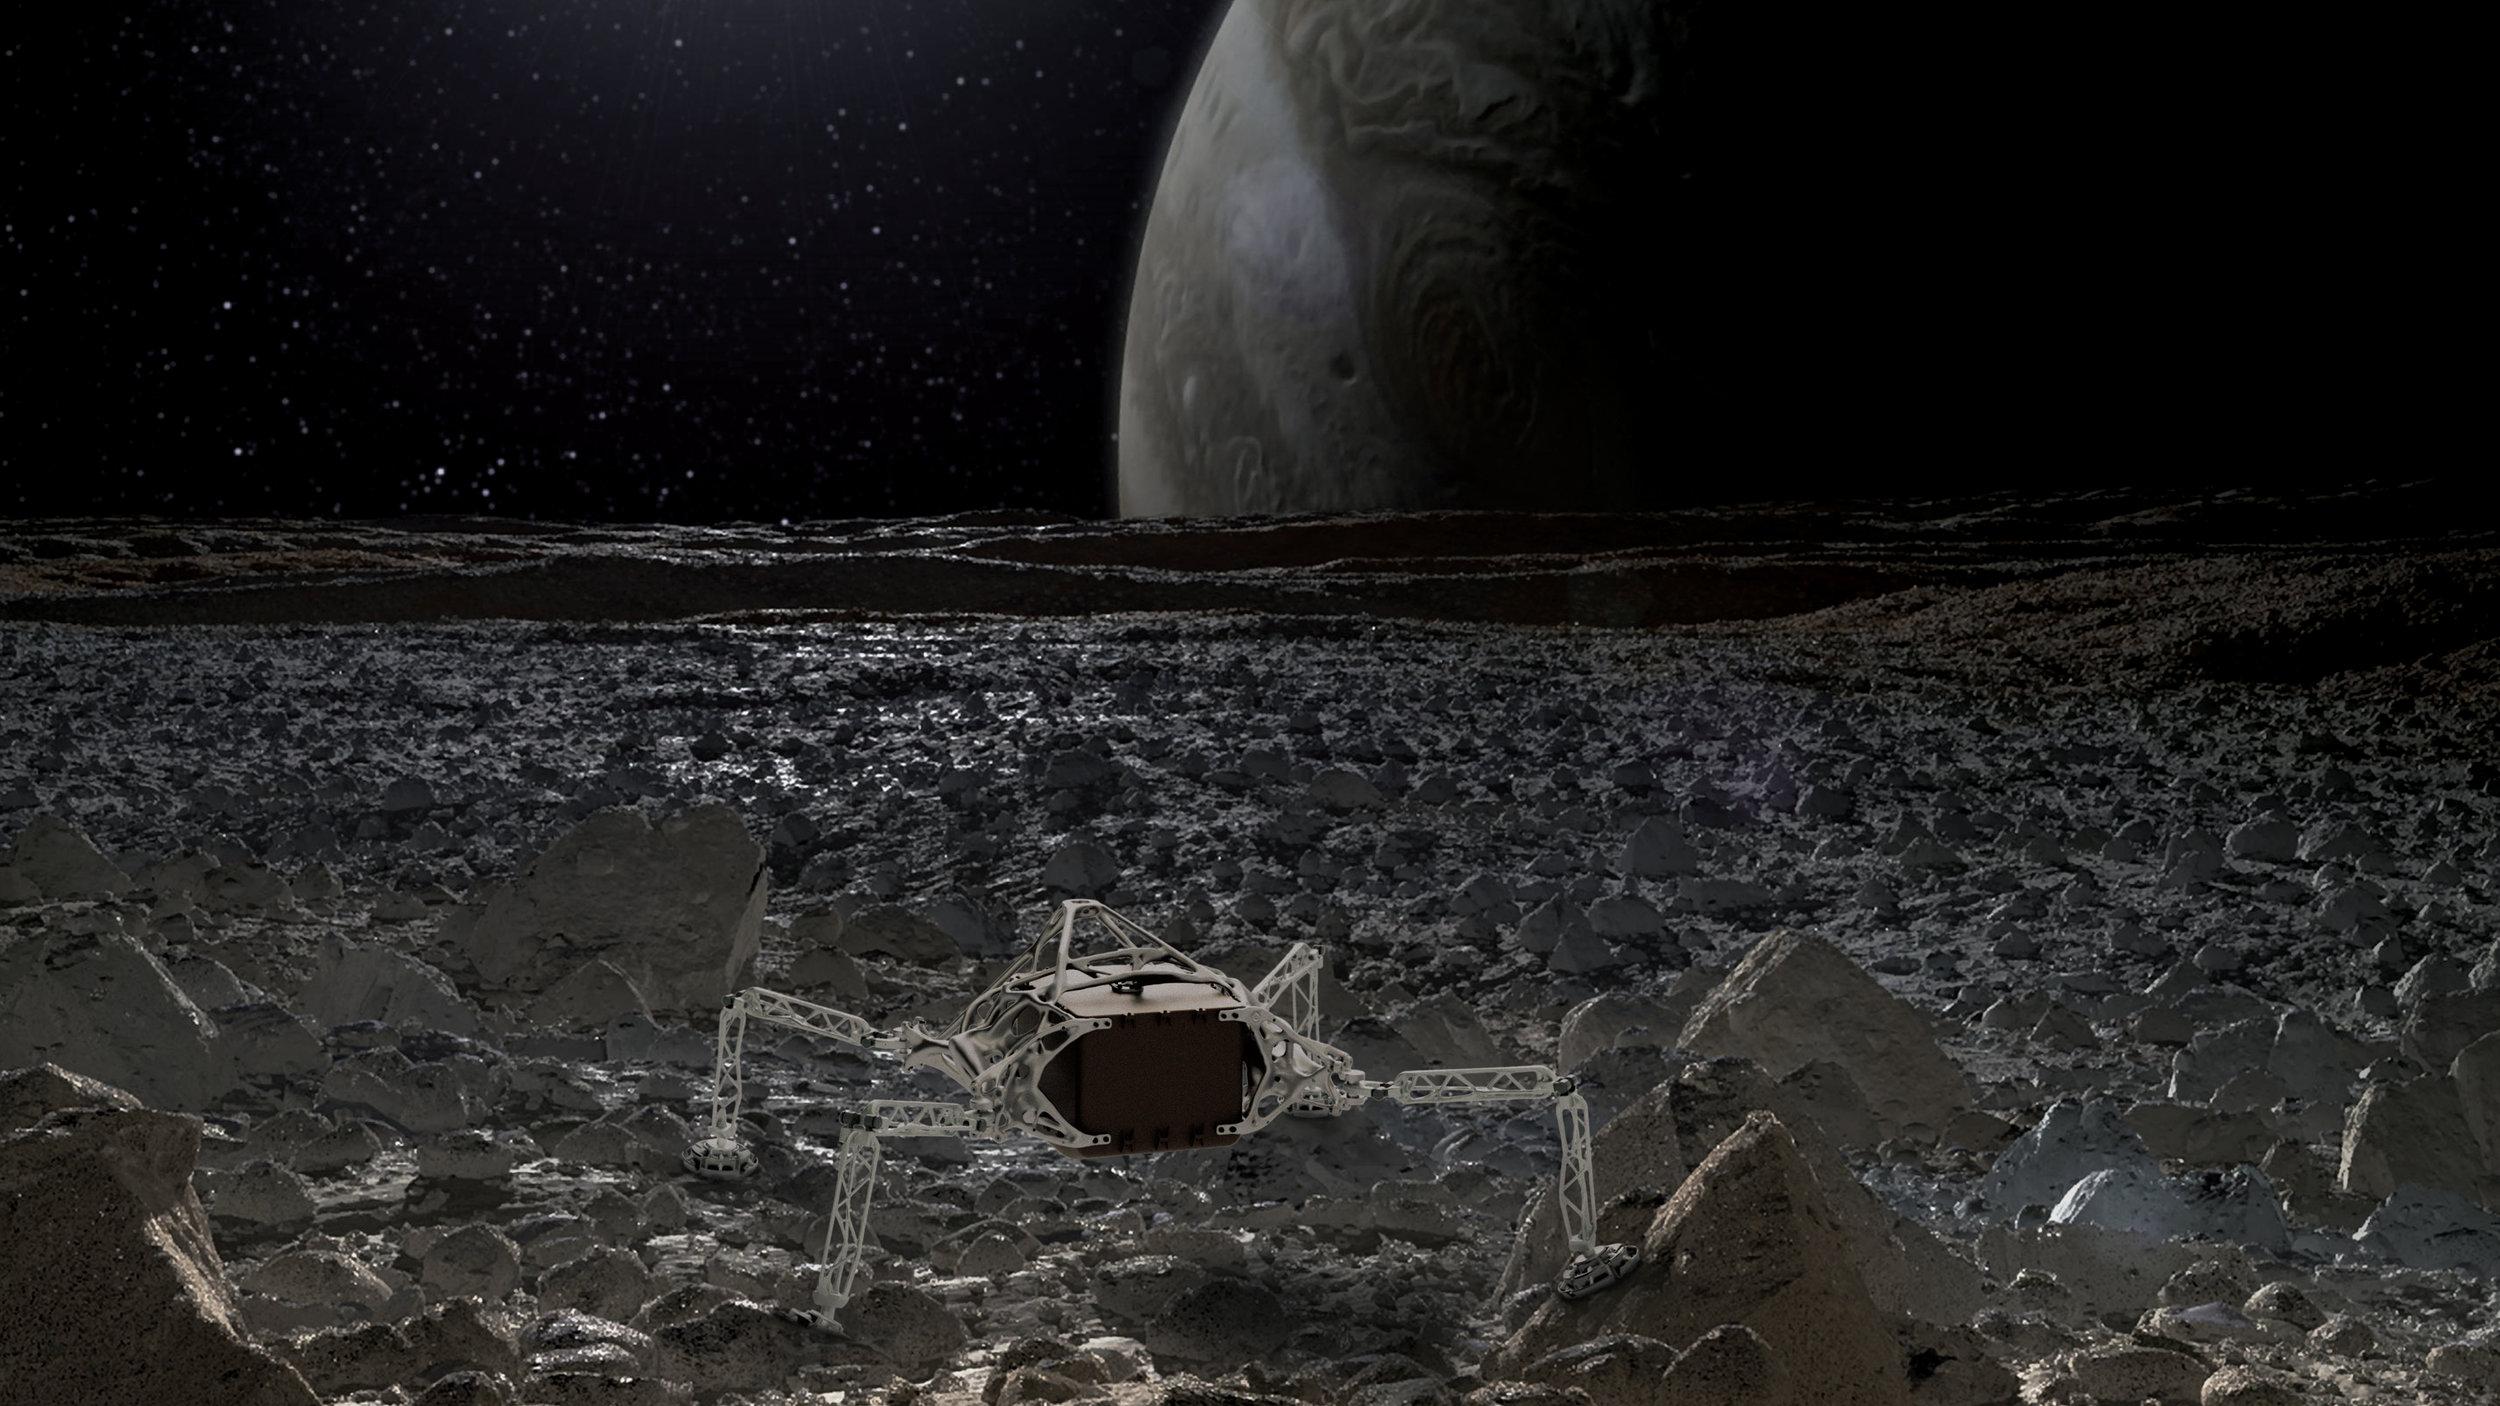 02_lander in space.jpg